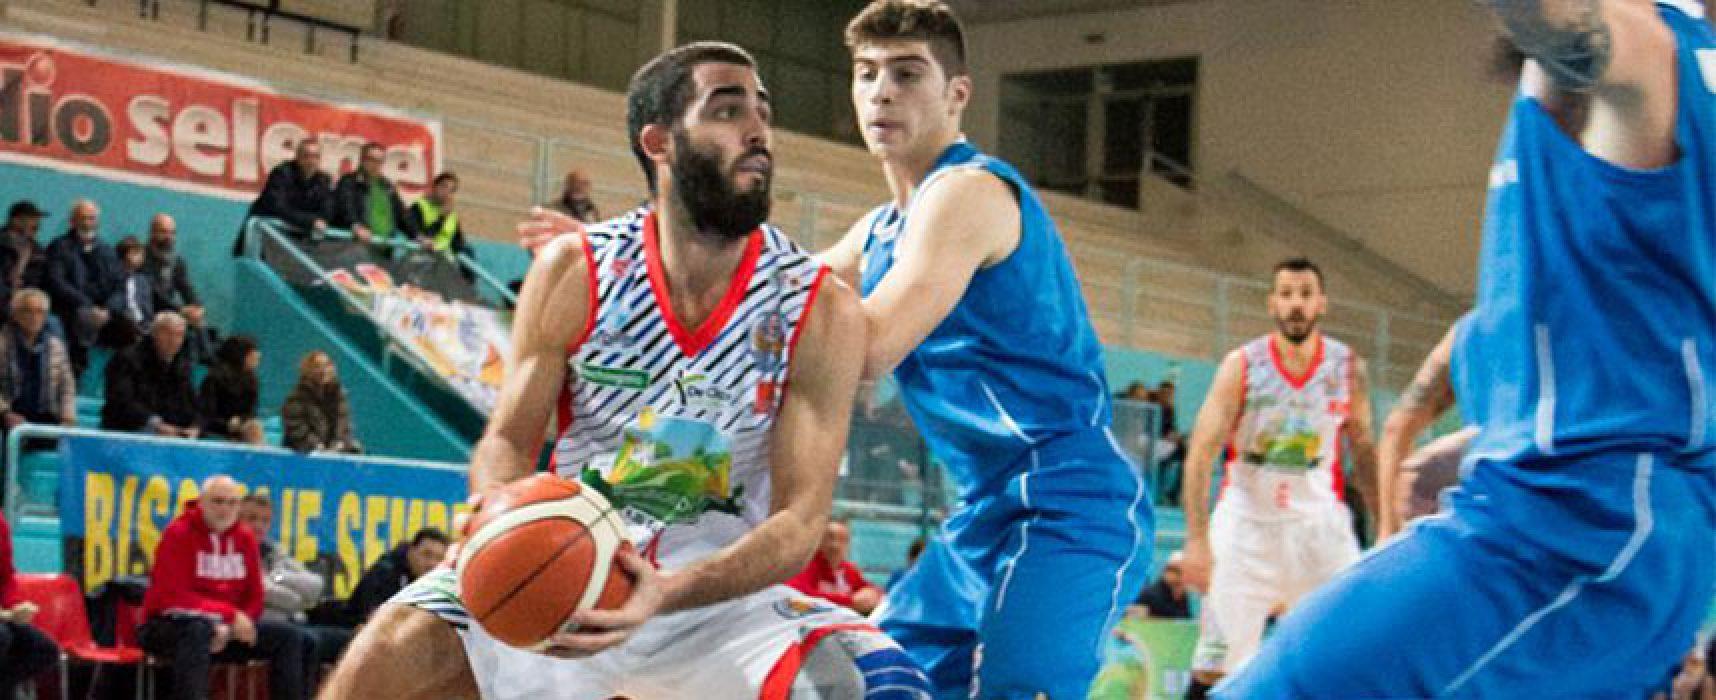 Basket, Di Pinto Panifici ko al fotofinish contro Senigallia